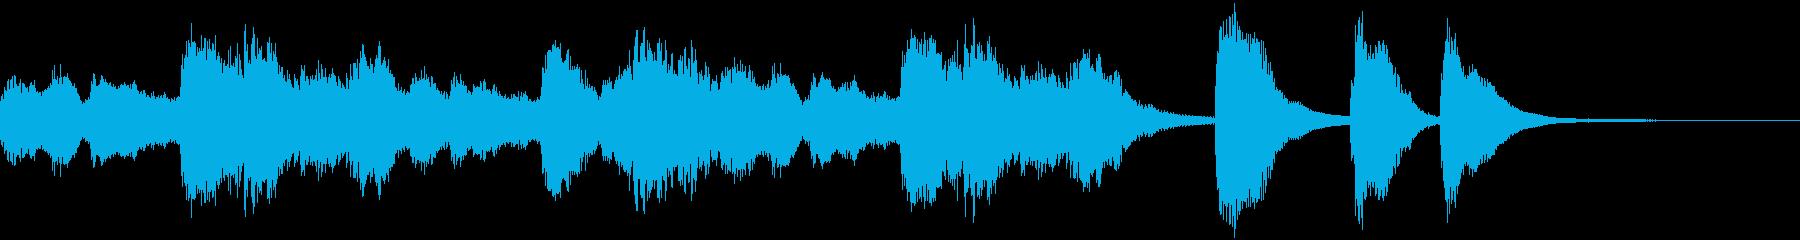 ハープのほのぼのとしてかわいいジングルの再生済みの波形